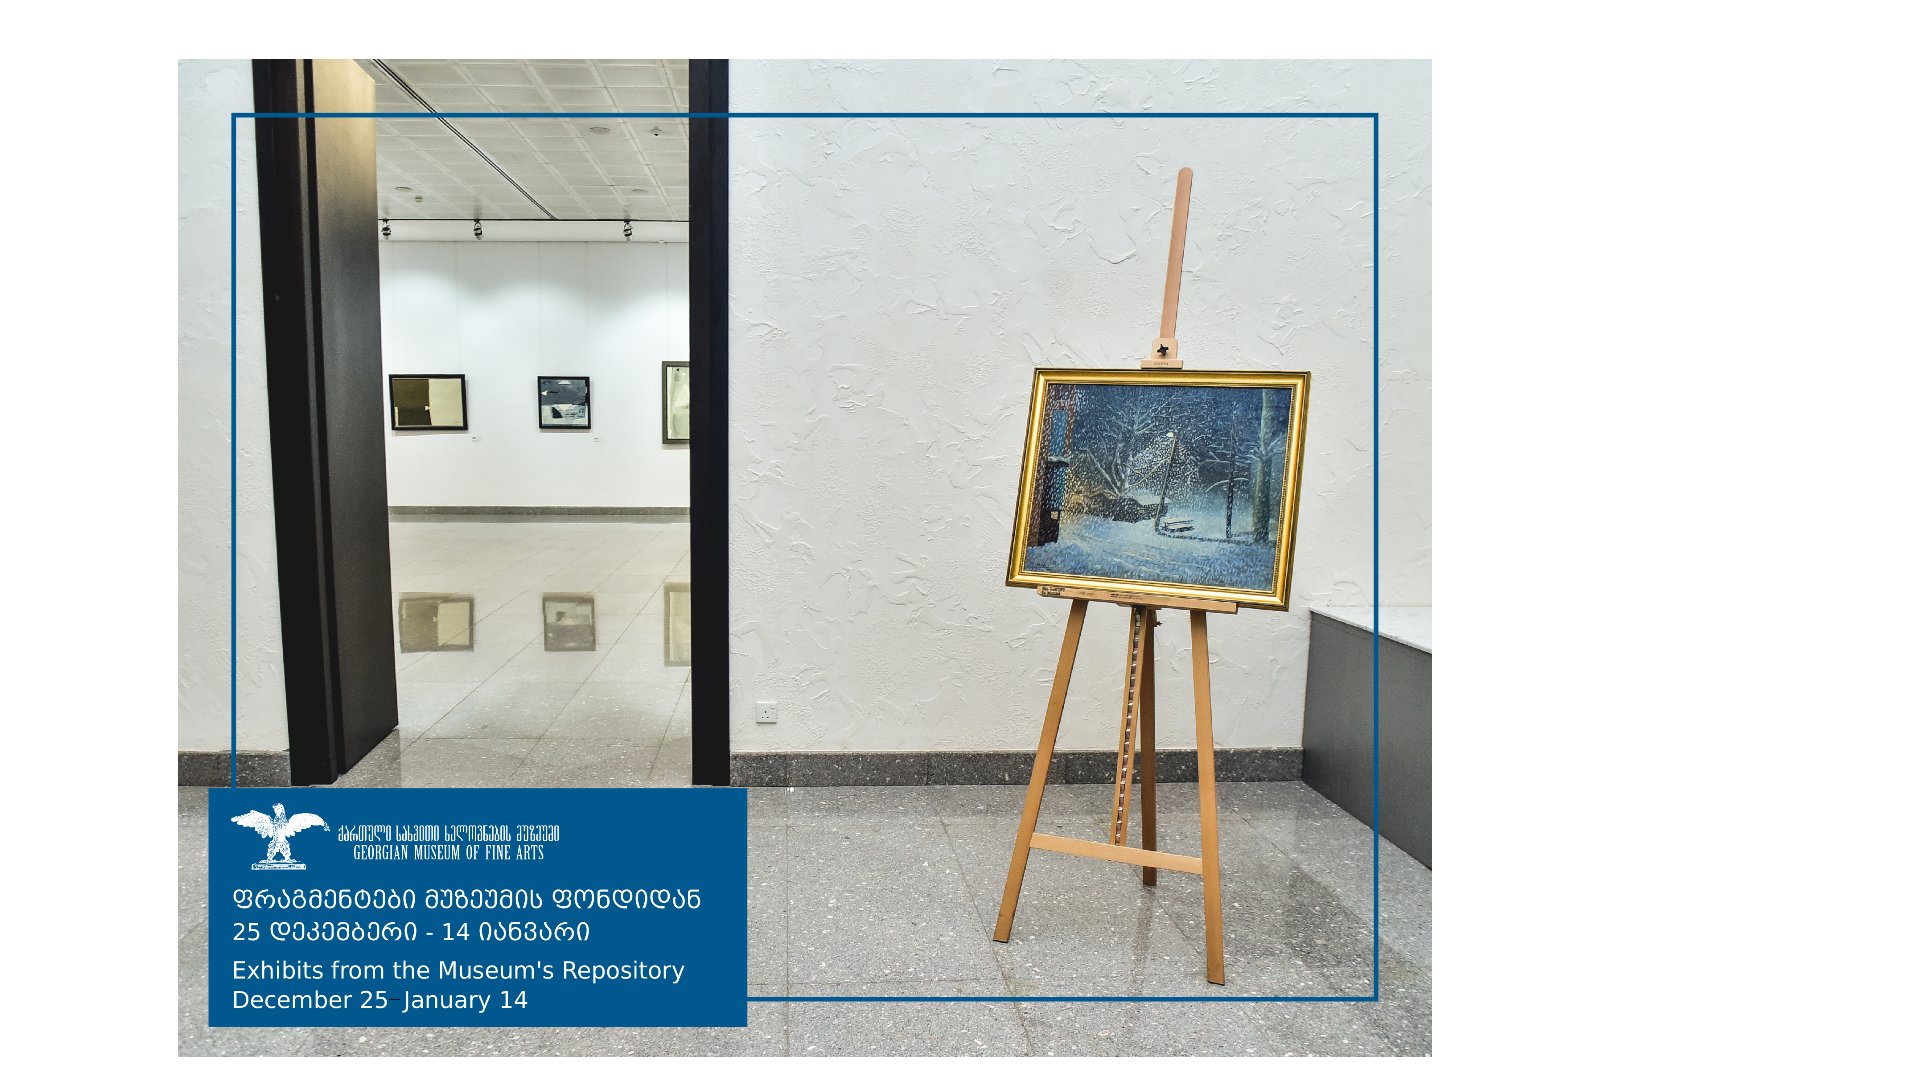 ფრაგმენტები მუზეუმის ფონდიდან - Exposition of Artworks from a Private Collection